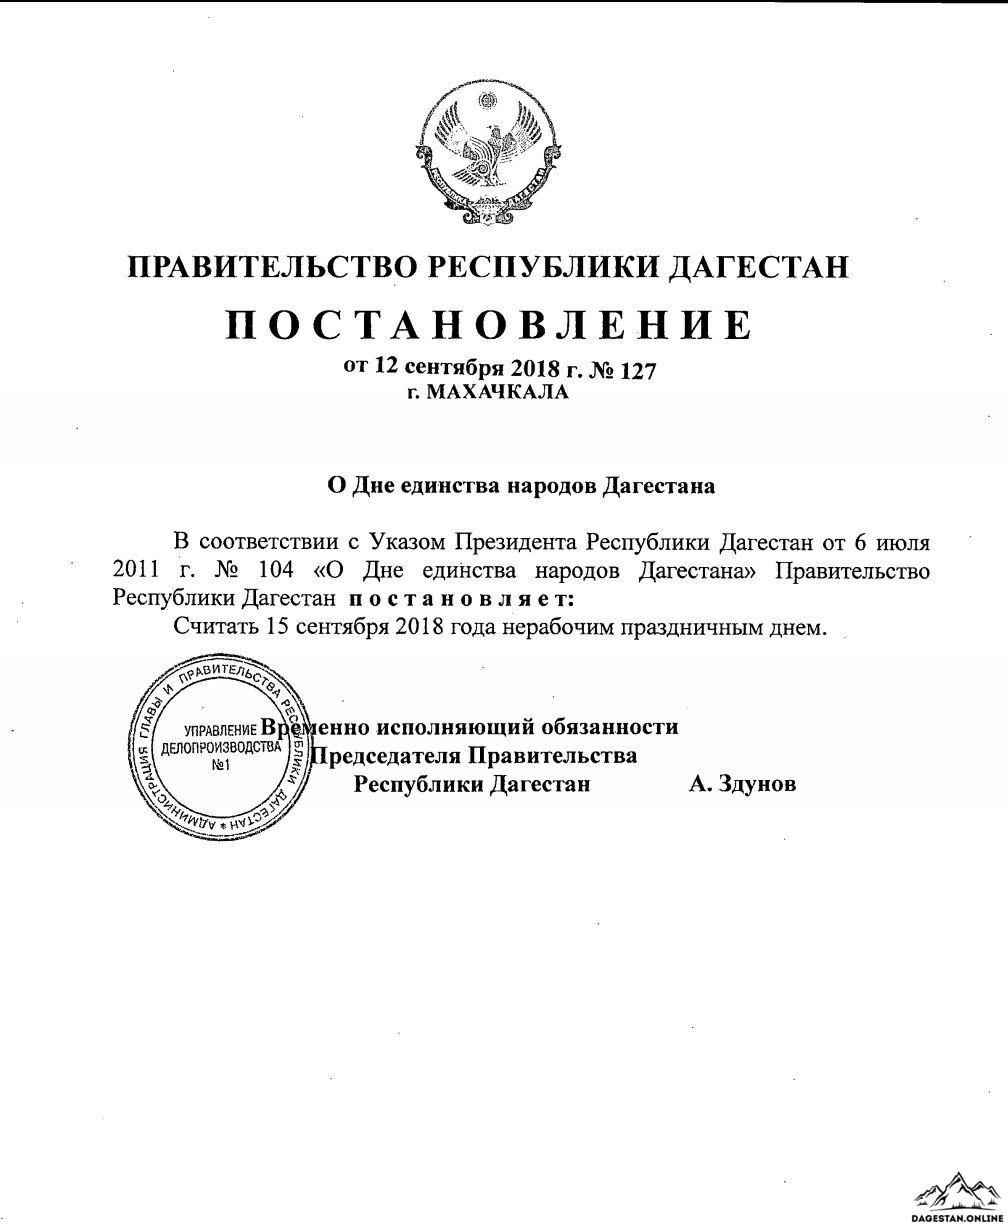 15,16,17 сентября объявлены не рабочими днями фото